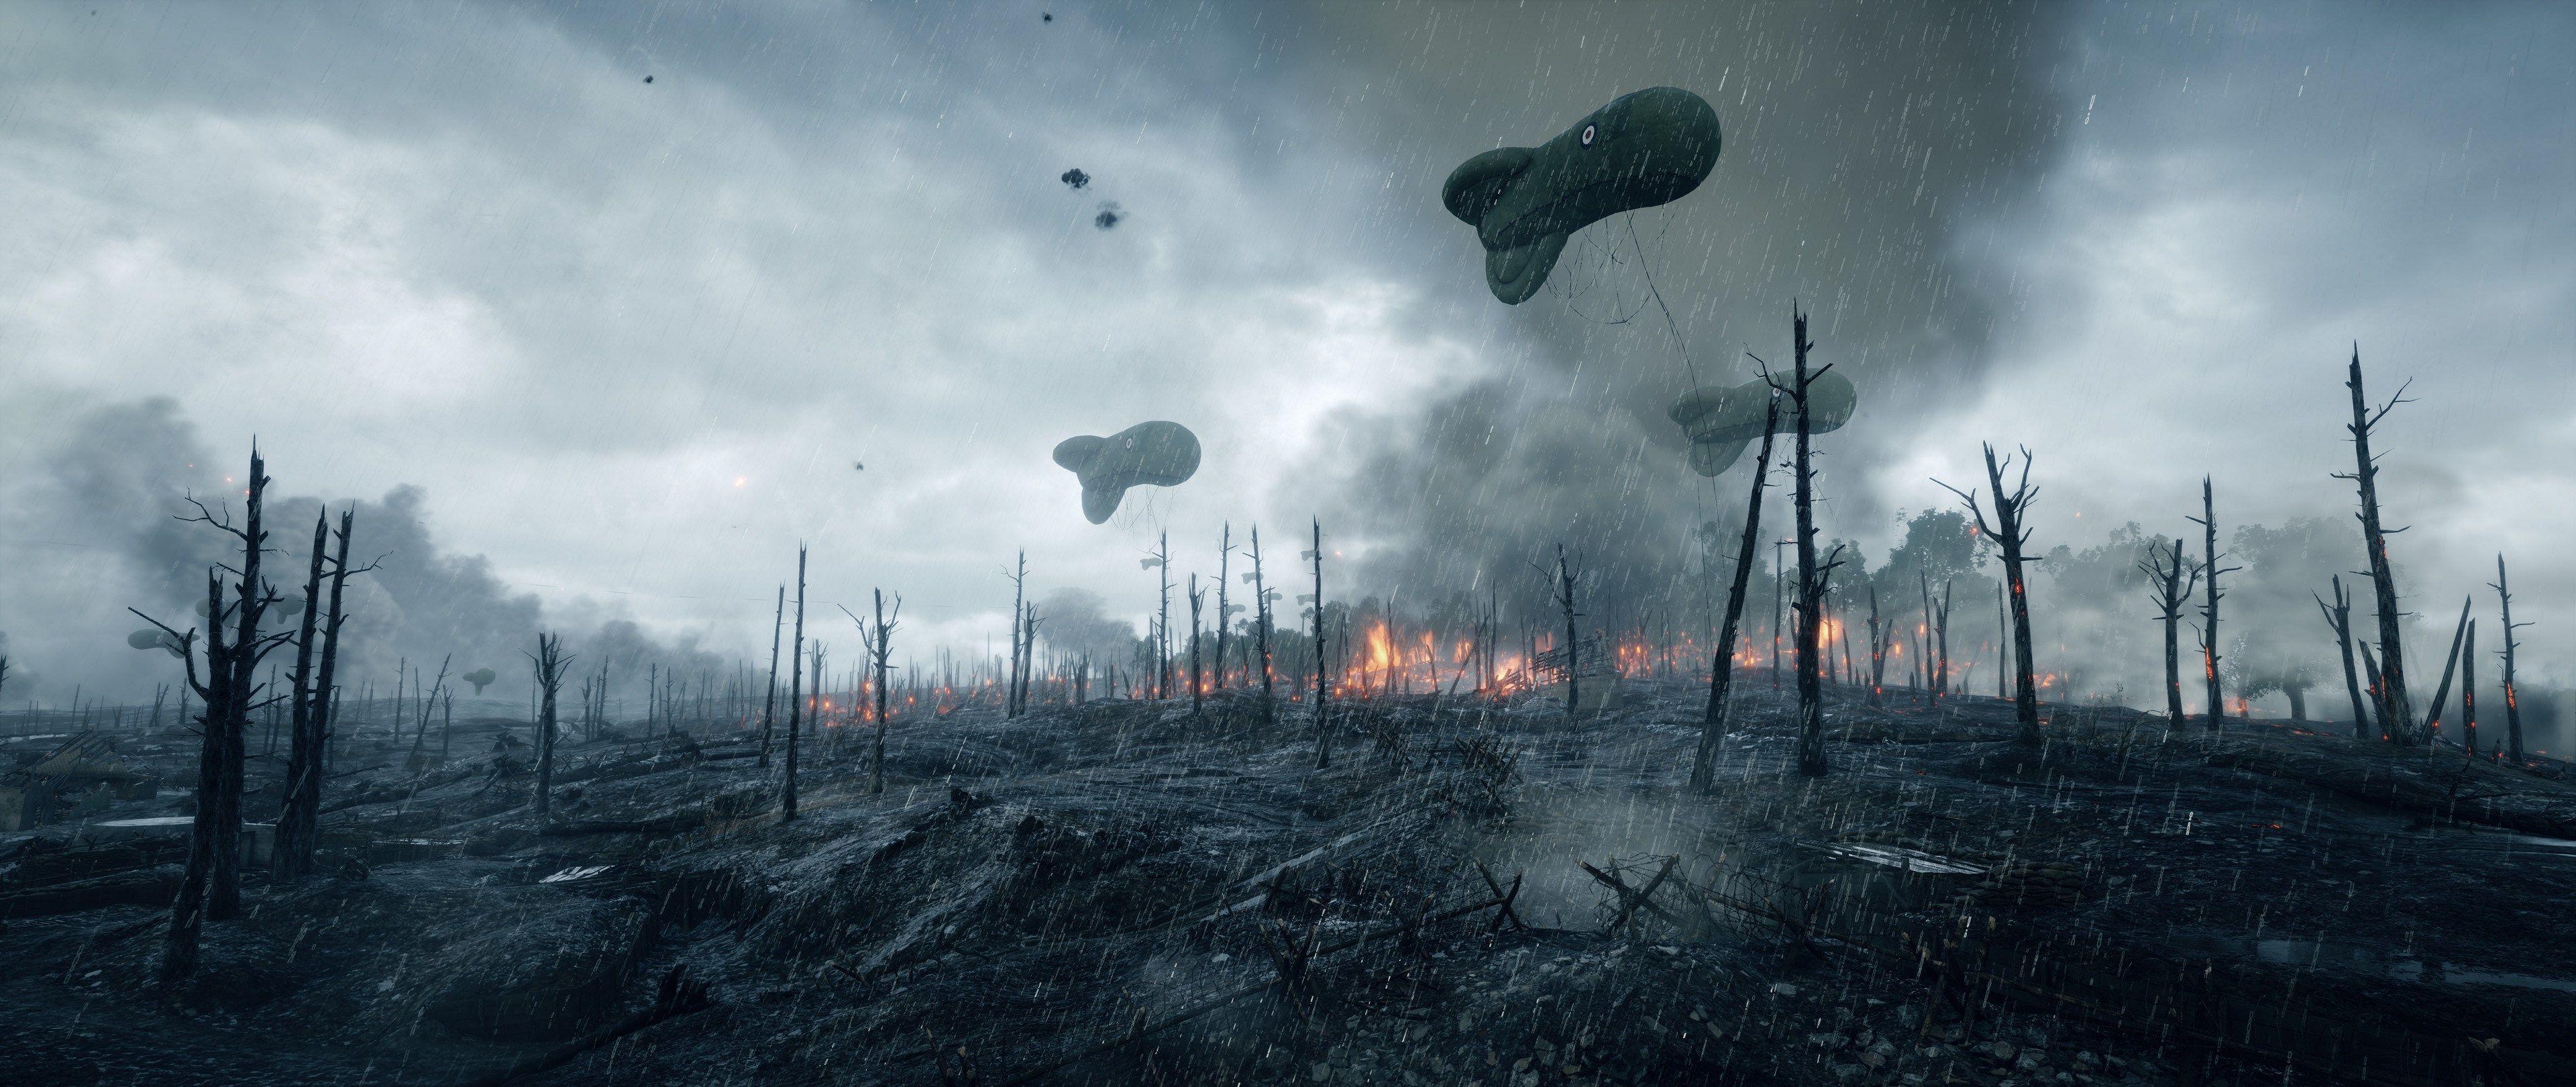 4k Battlefield 1 Hd Wallpaper 3840x1620 Battlefield 1